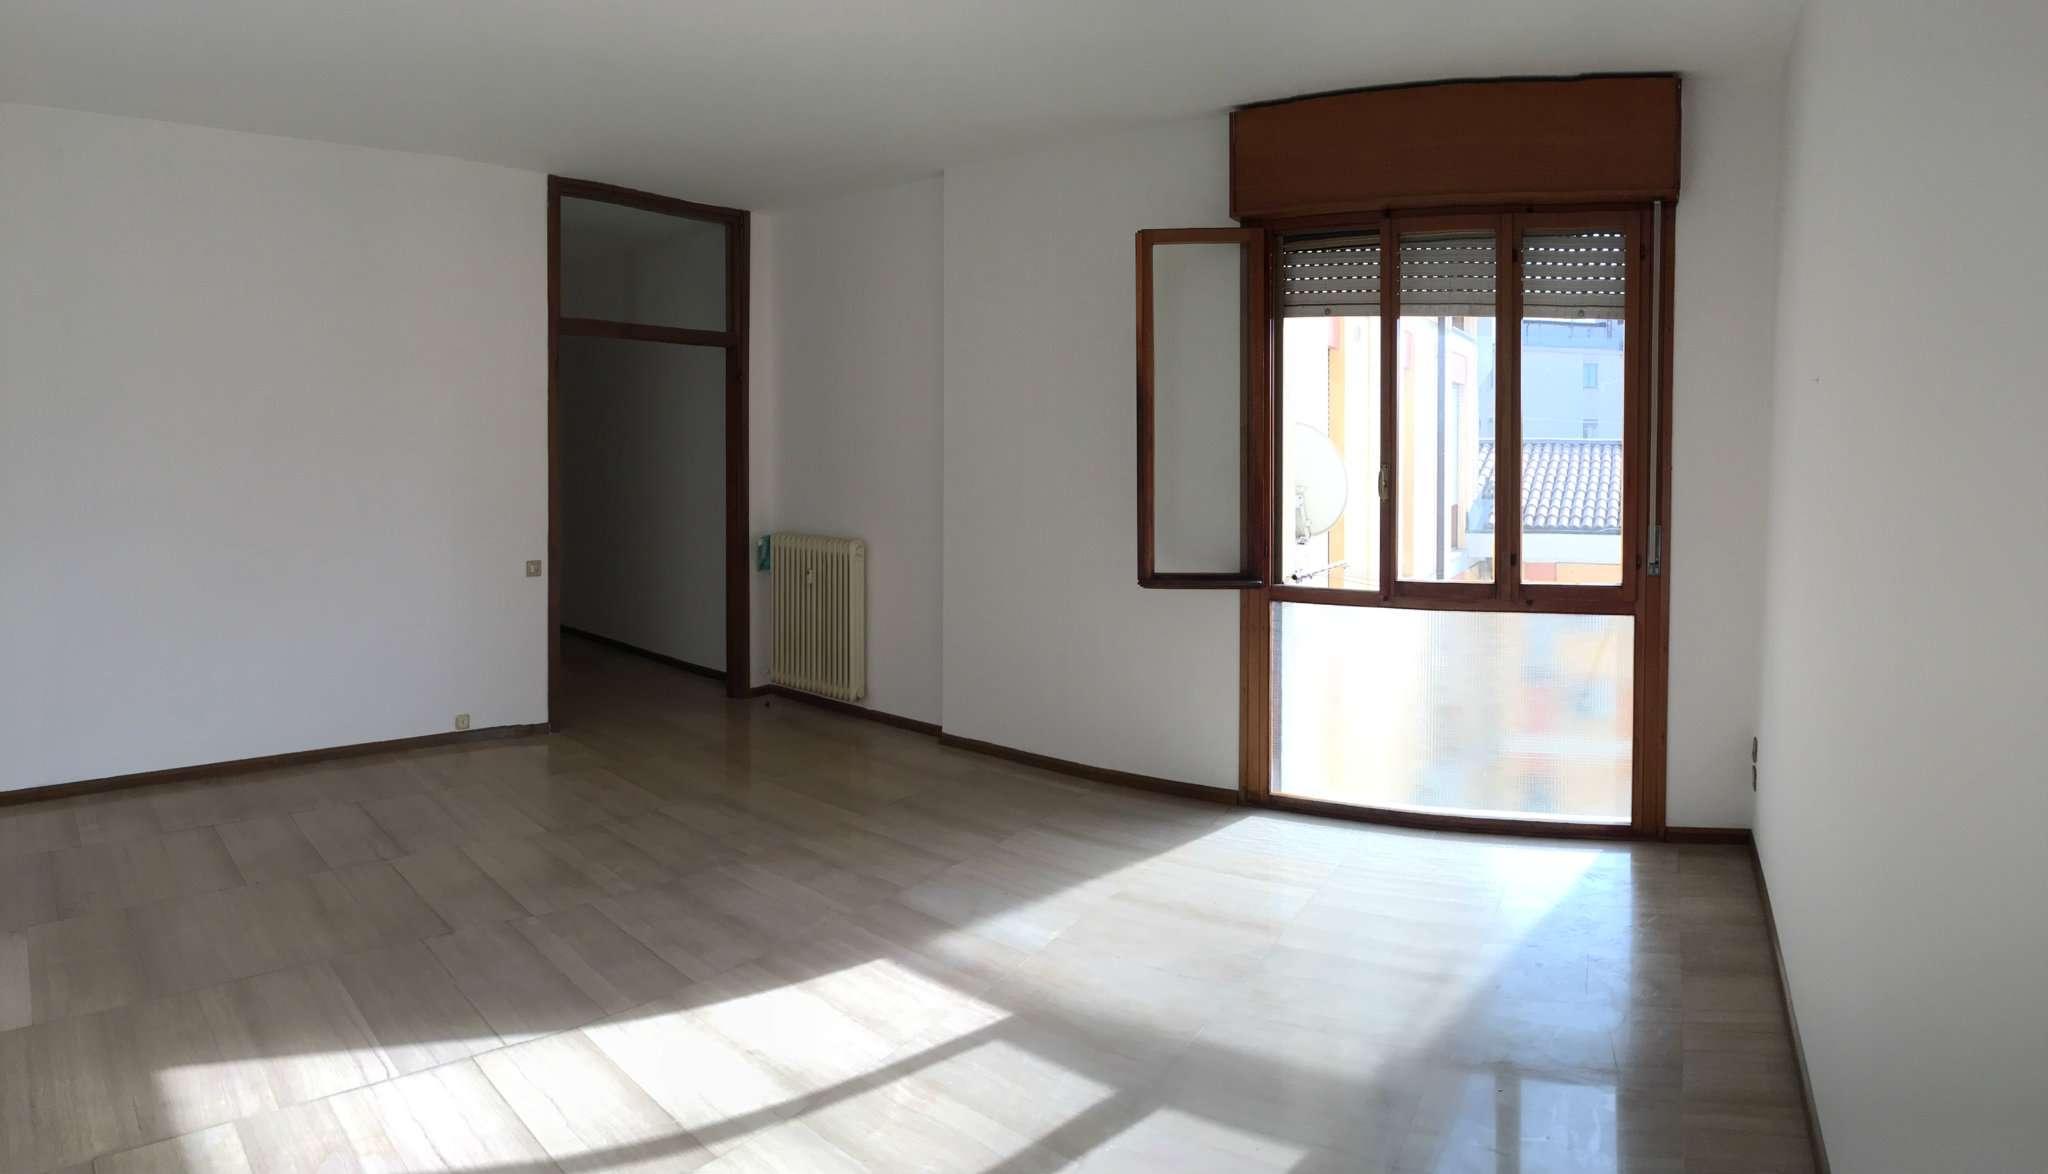 Appartamento in vendita a Treviso, 9999 locali, prezzo € 119.000 | CambioCasa.it